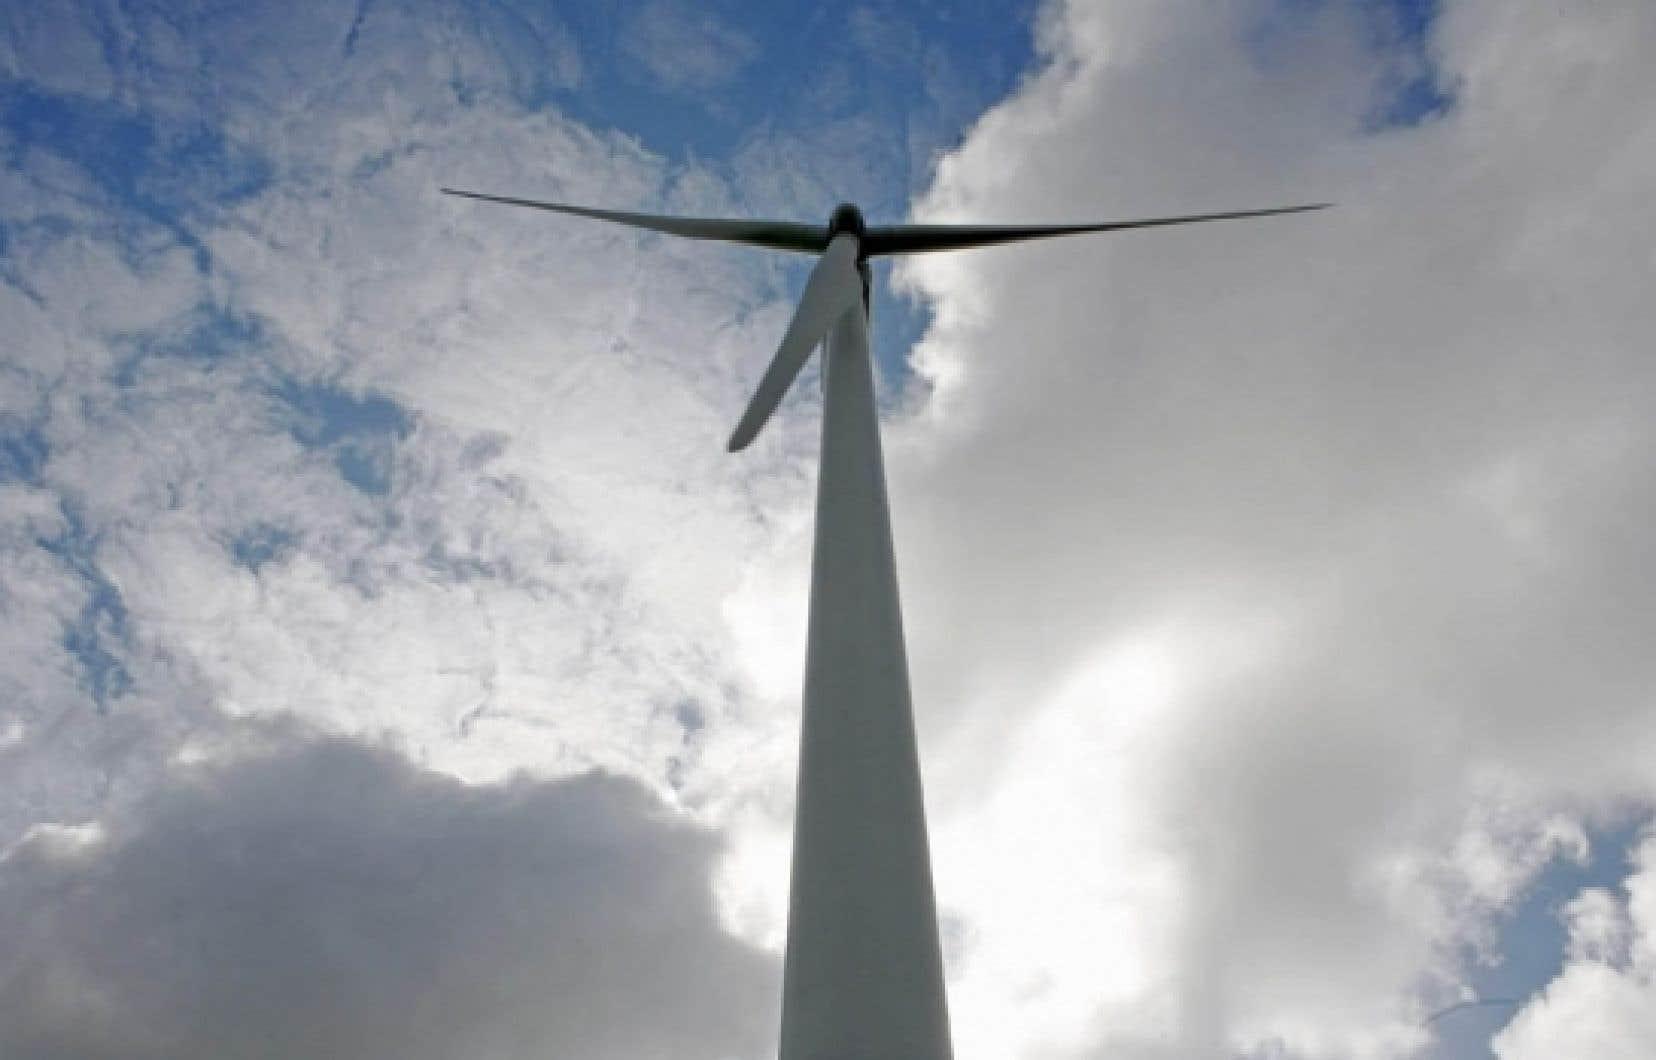 La société d'État a annoncé hier avoir retenu 12 soumissions, pour un total de 291,4 MW, dans le cadre de son appel d'offres lancé en avril 2009 pour 500 nouveaux mégawatts.<br />